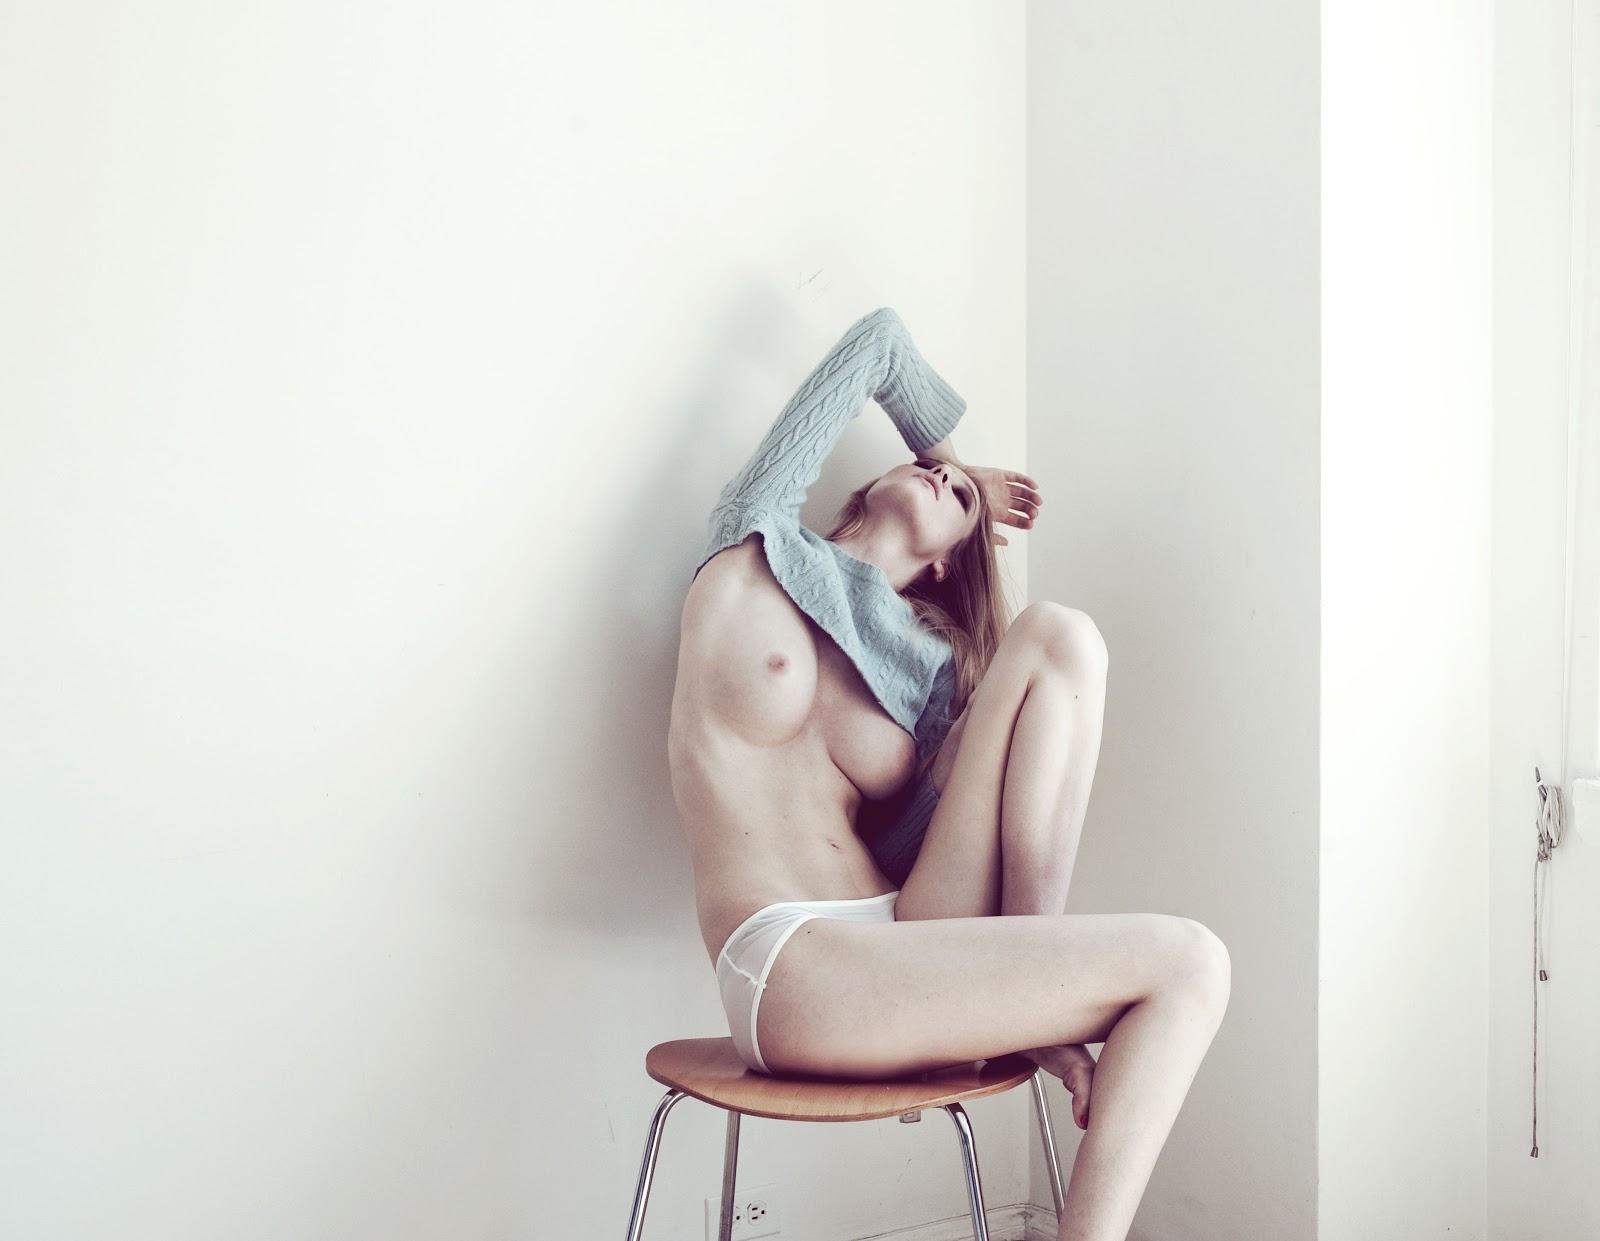 enya bakunova by edwin tse